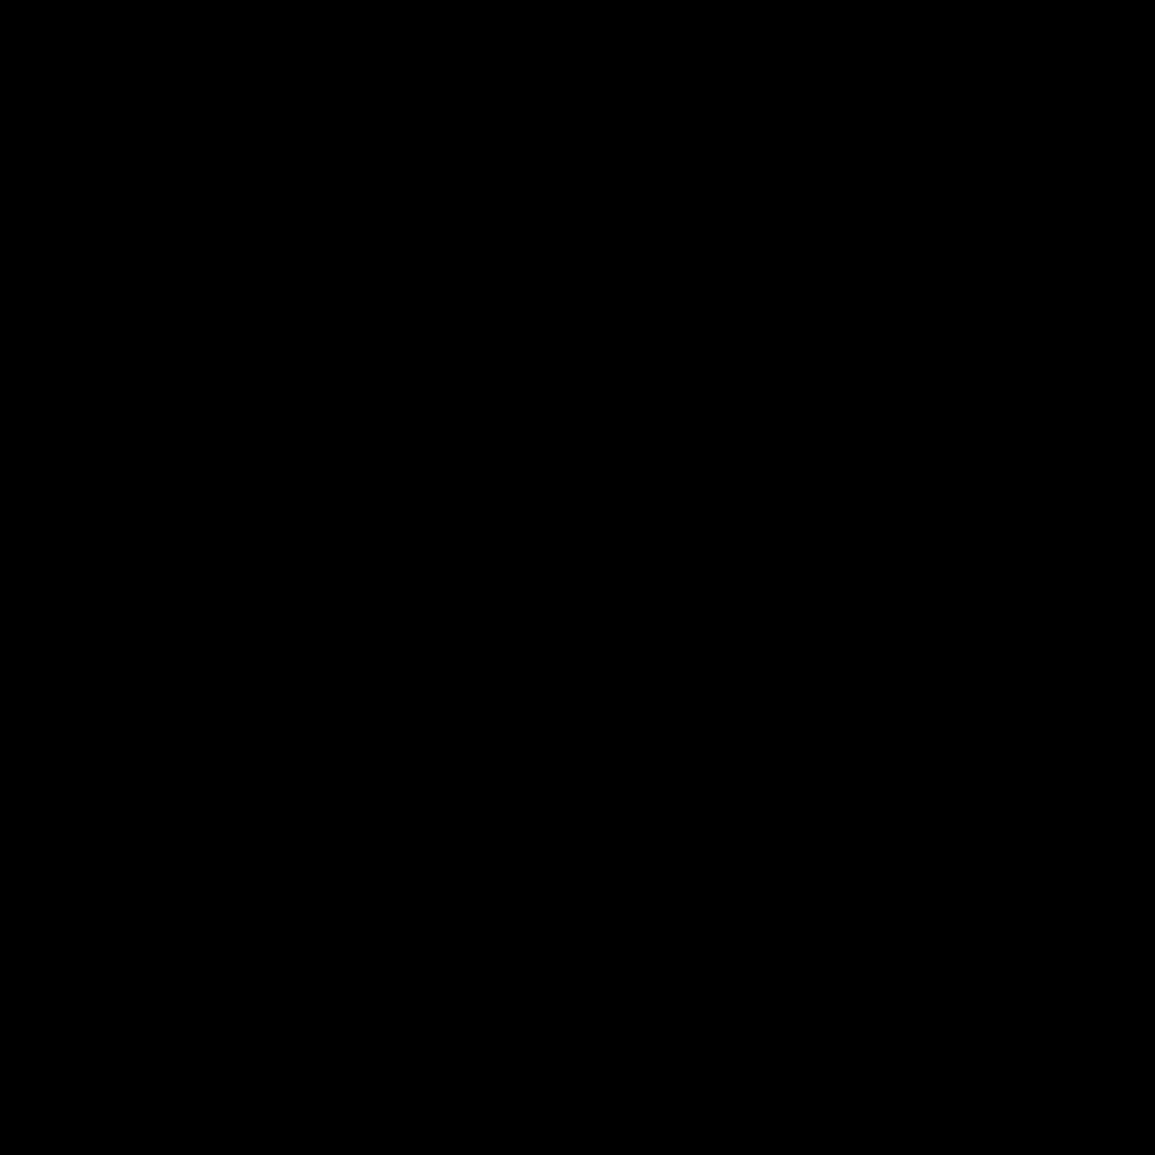 艶 L 小かな LTU-KS 字形見本